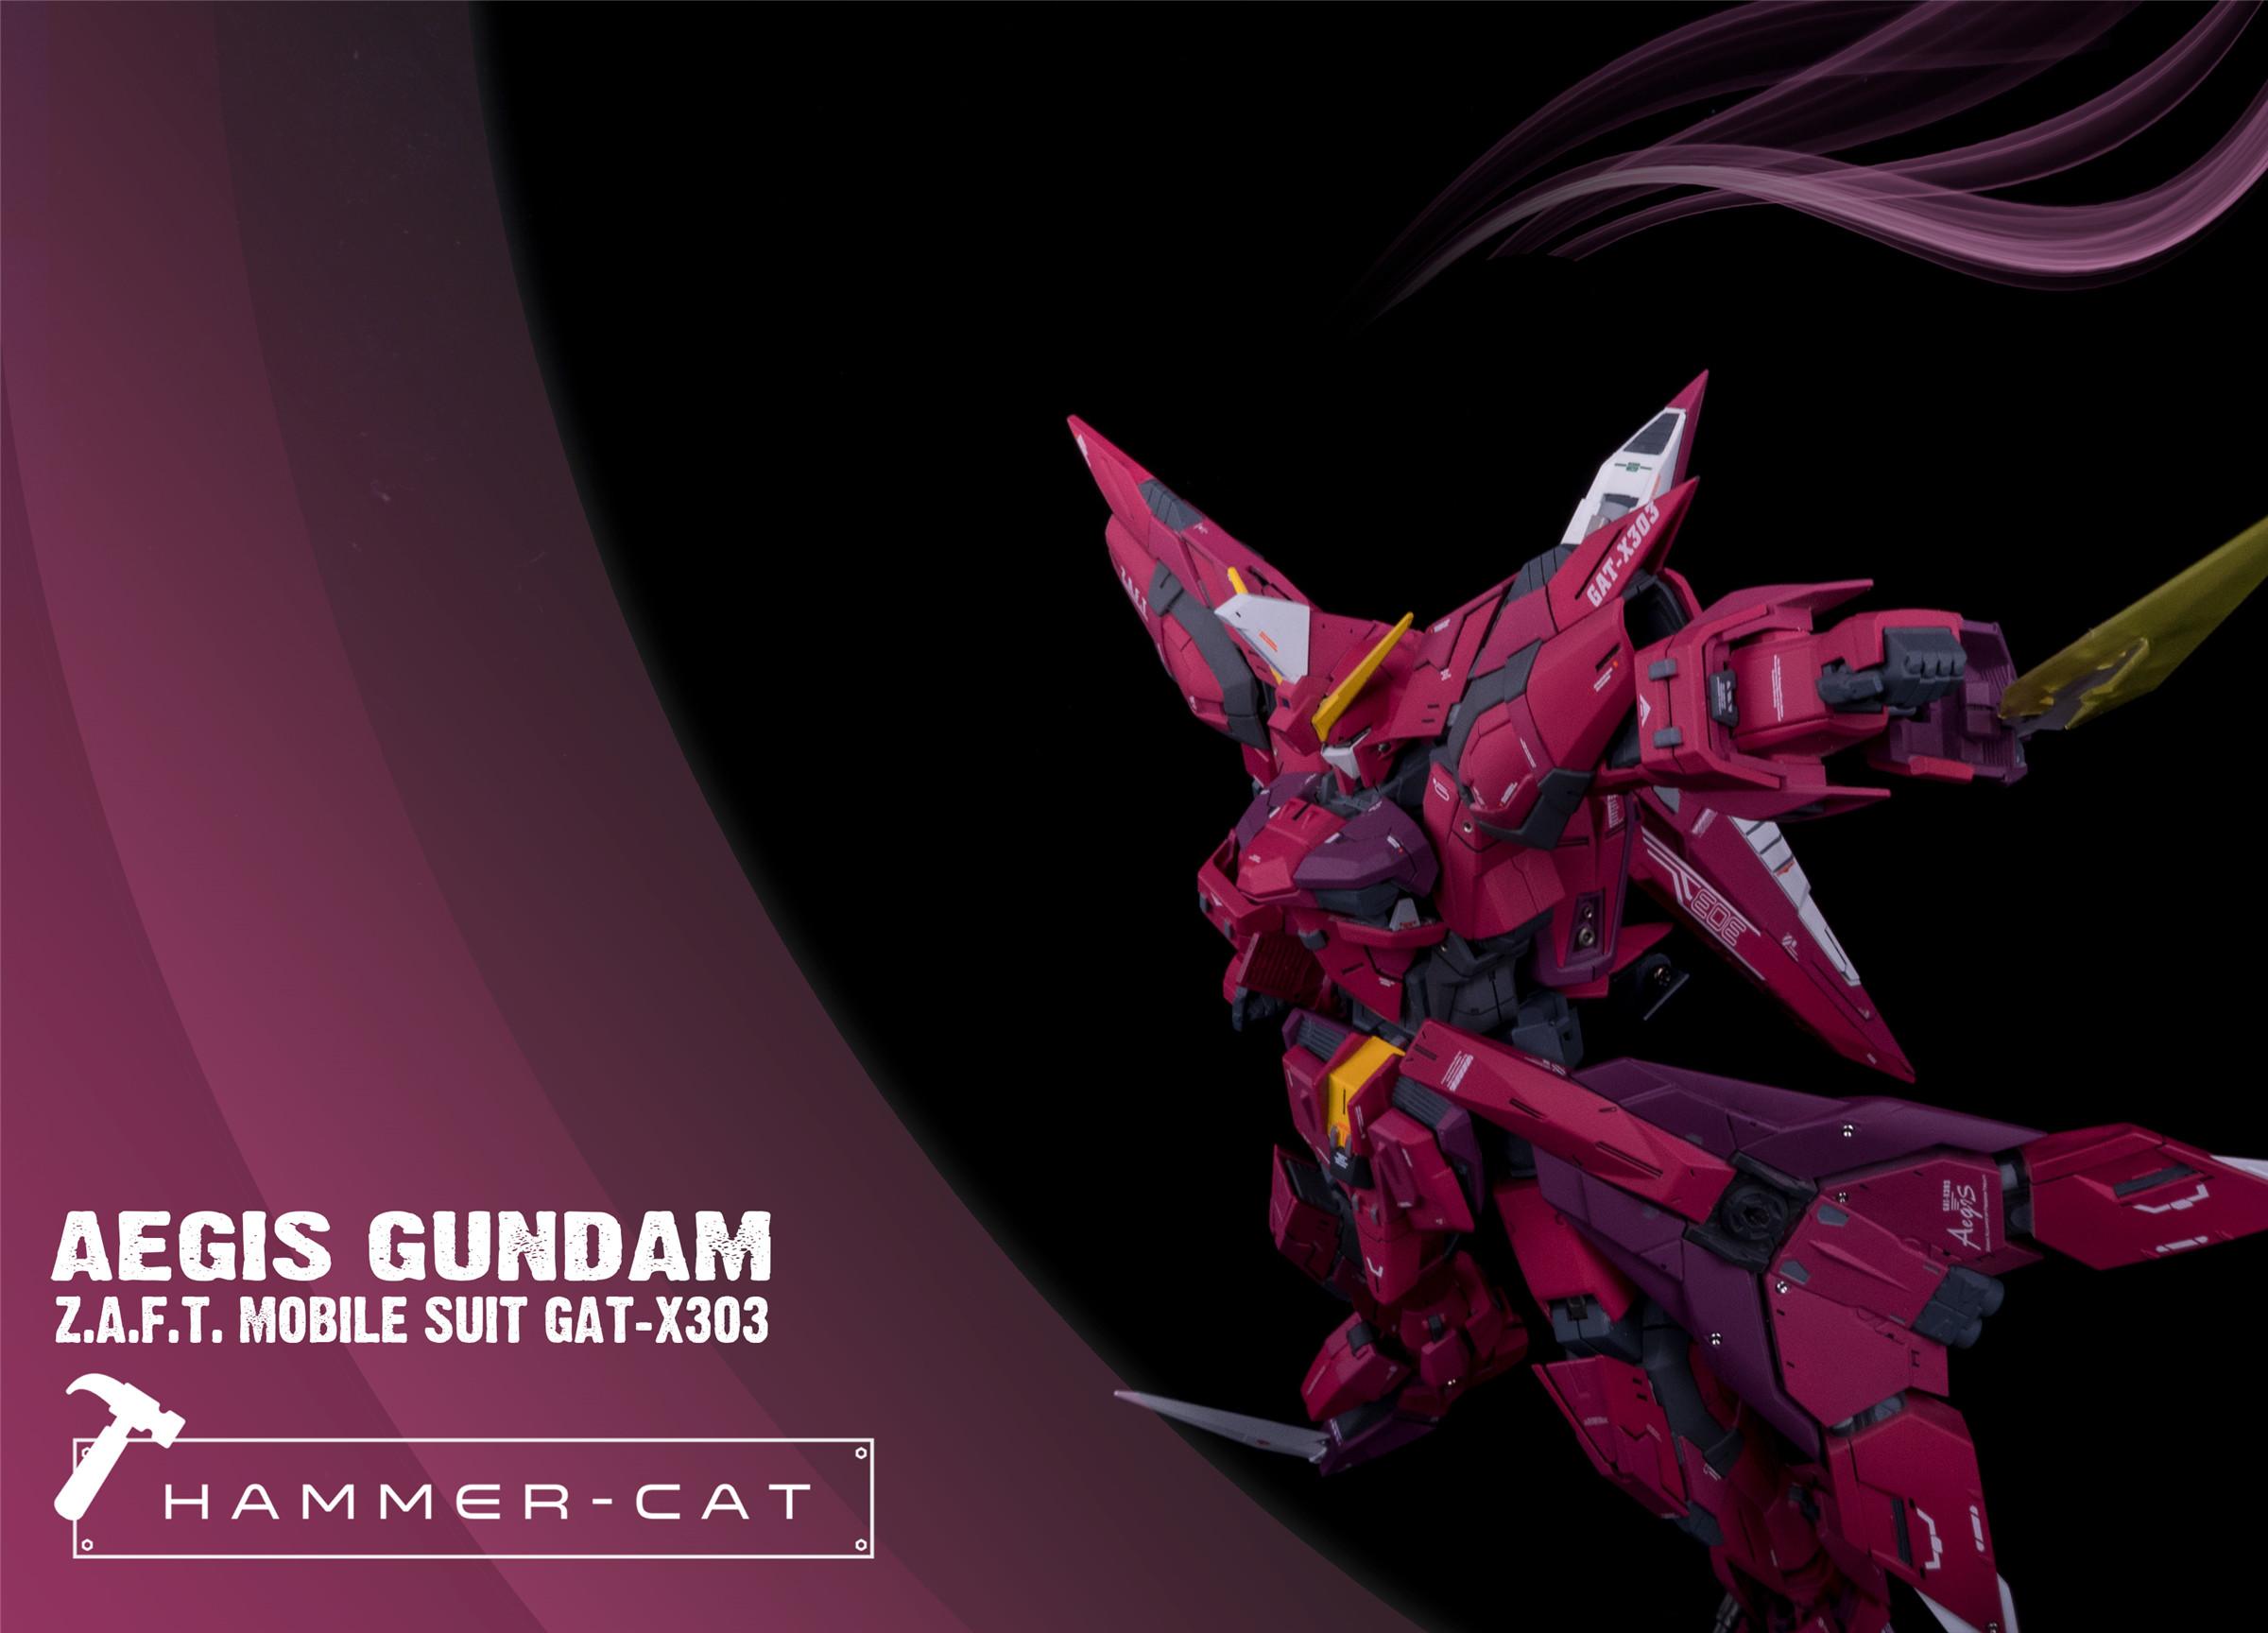 G579_GAT_X303_Aegis_Gundam_004.jpg